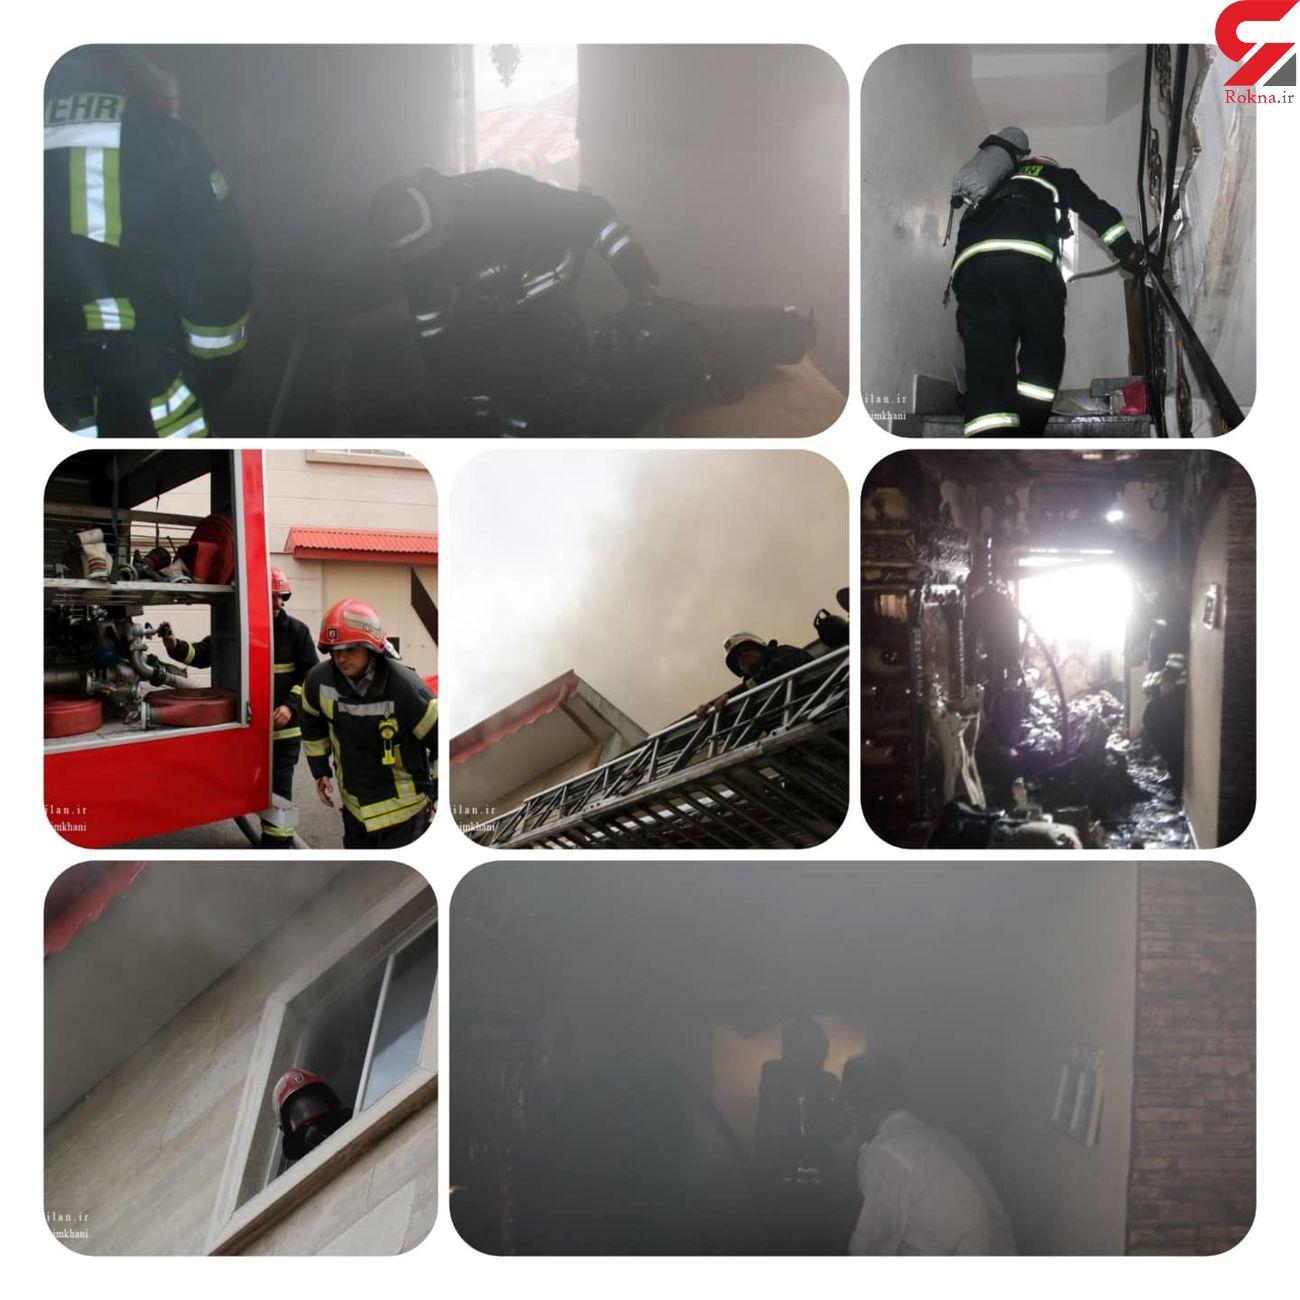 آتش سوزی در ساختمان 4 طبقه/به همراه فیلم و عکس